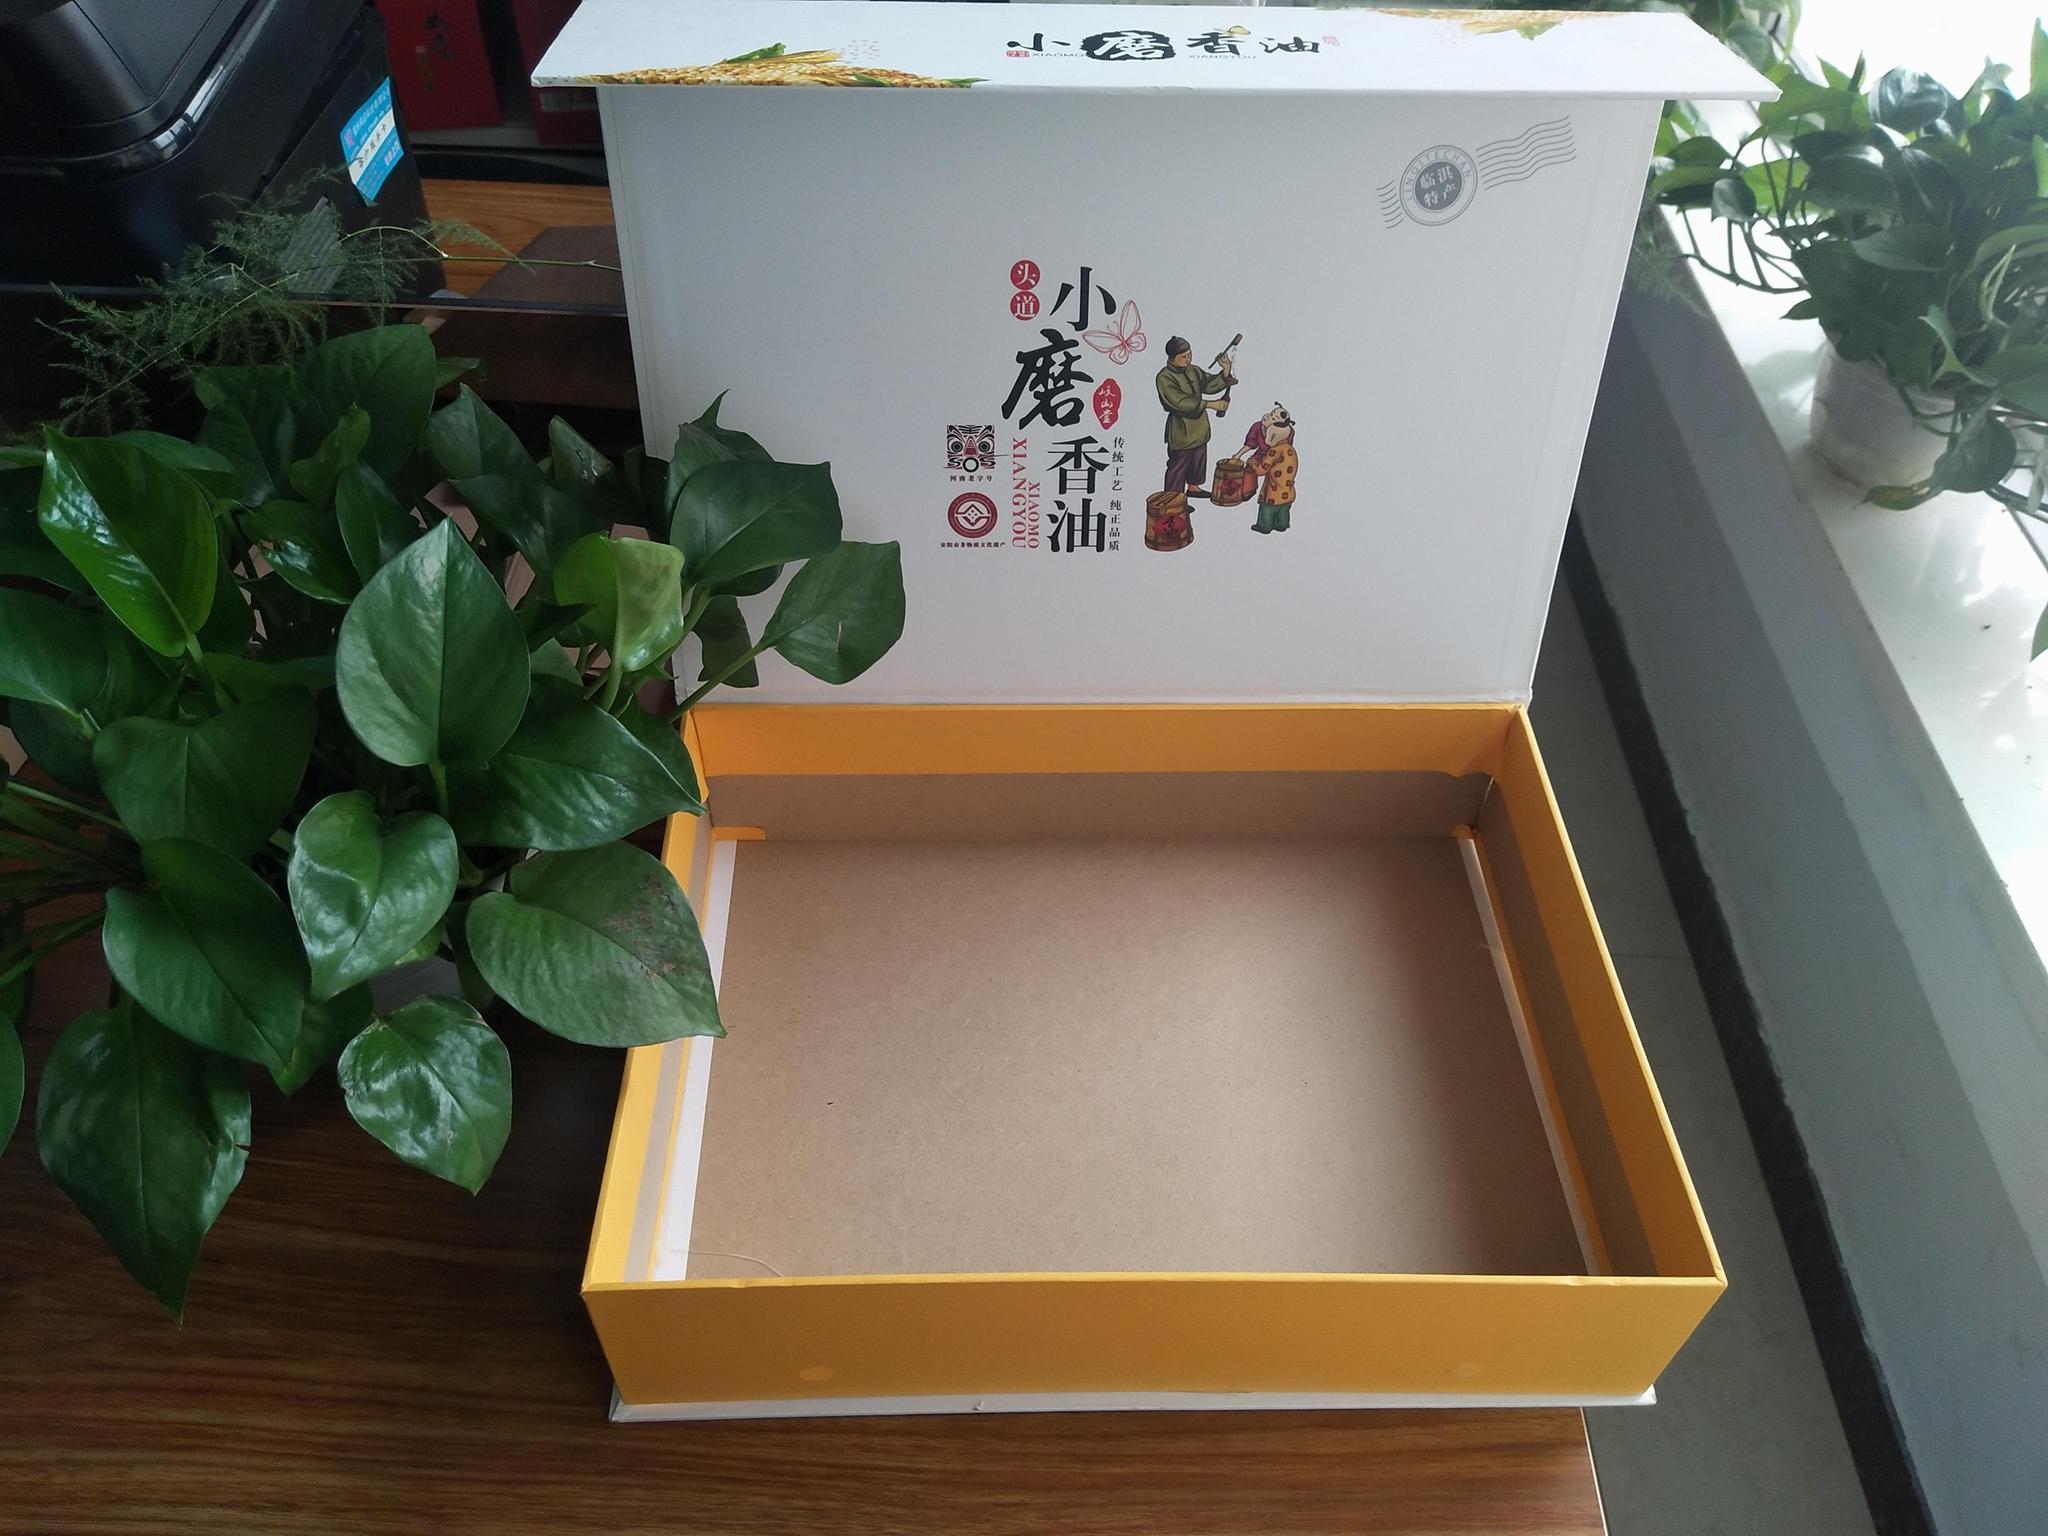 印刷小磨香油禮品包裝盒定製加工批發  3